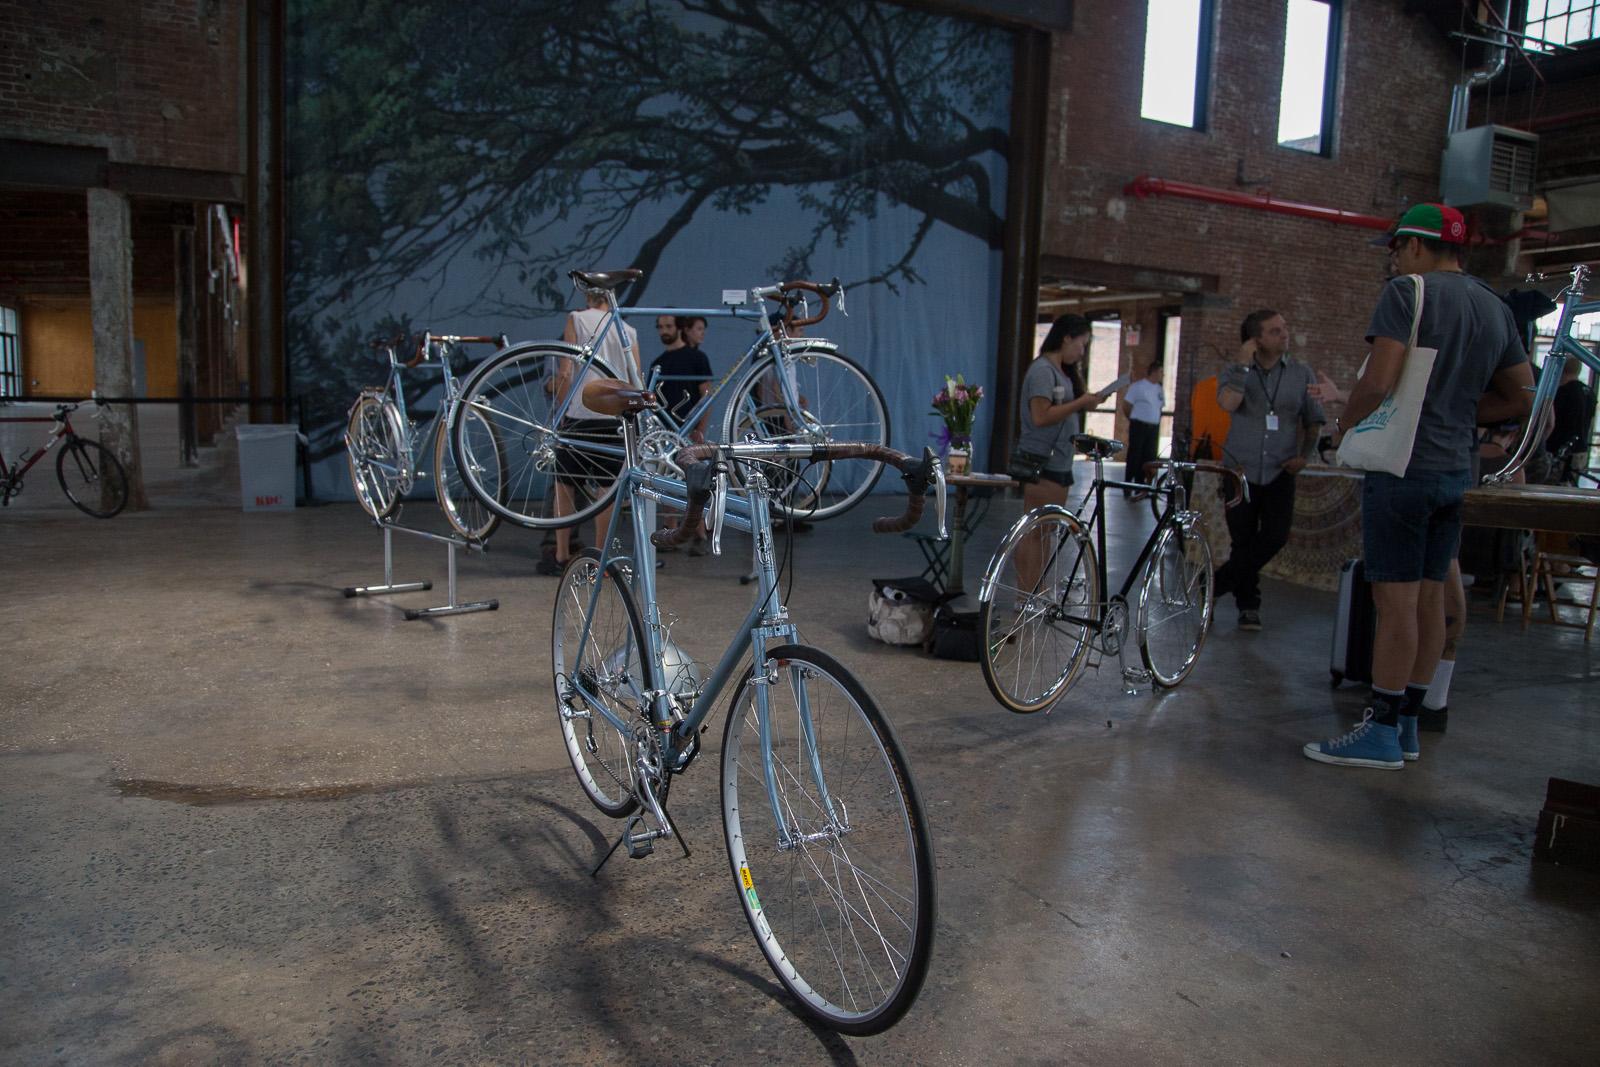 bike_cult_show-1.jpg